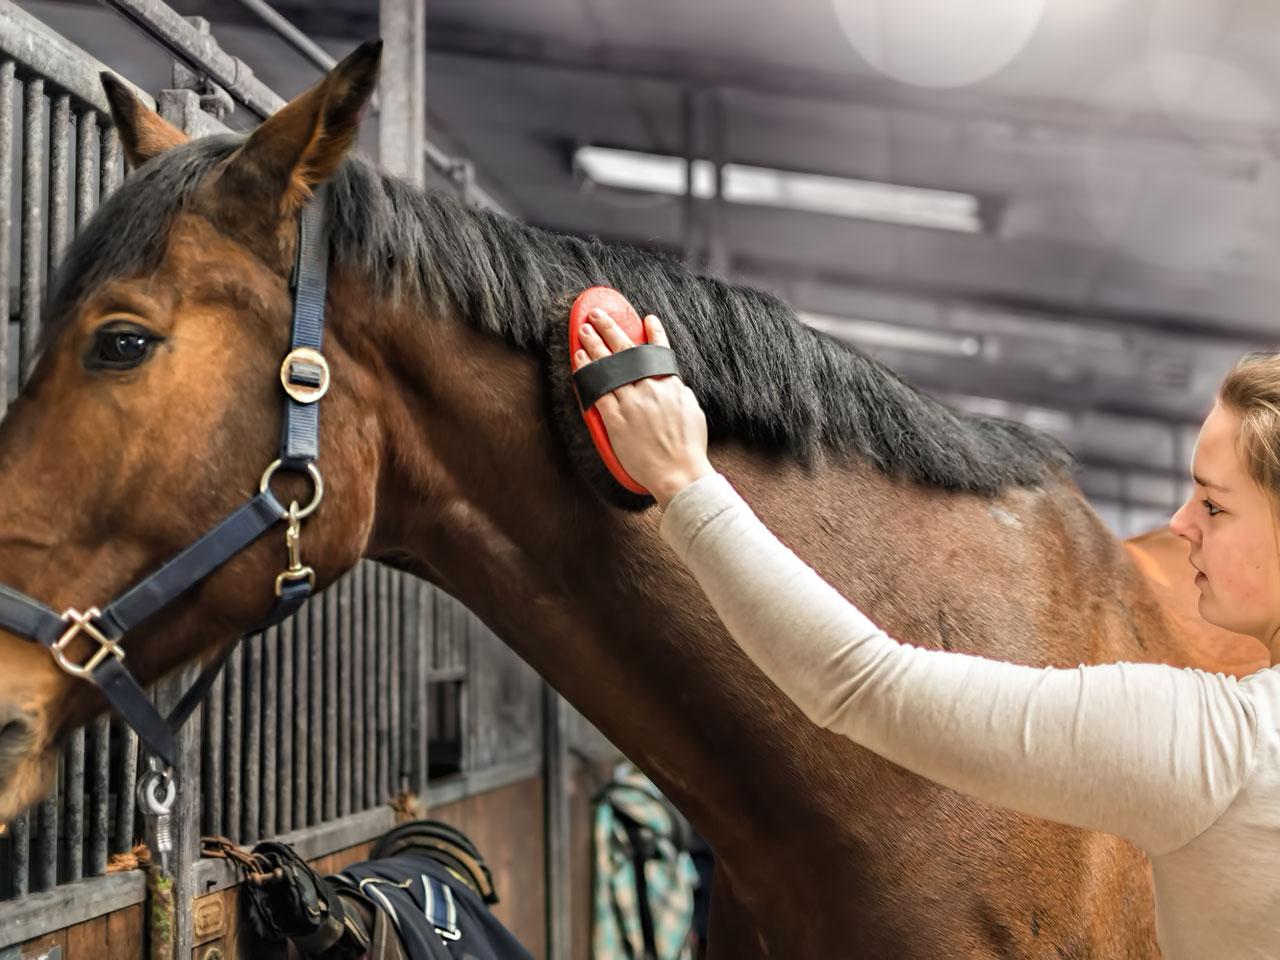 Pferd wird gebürstet